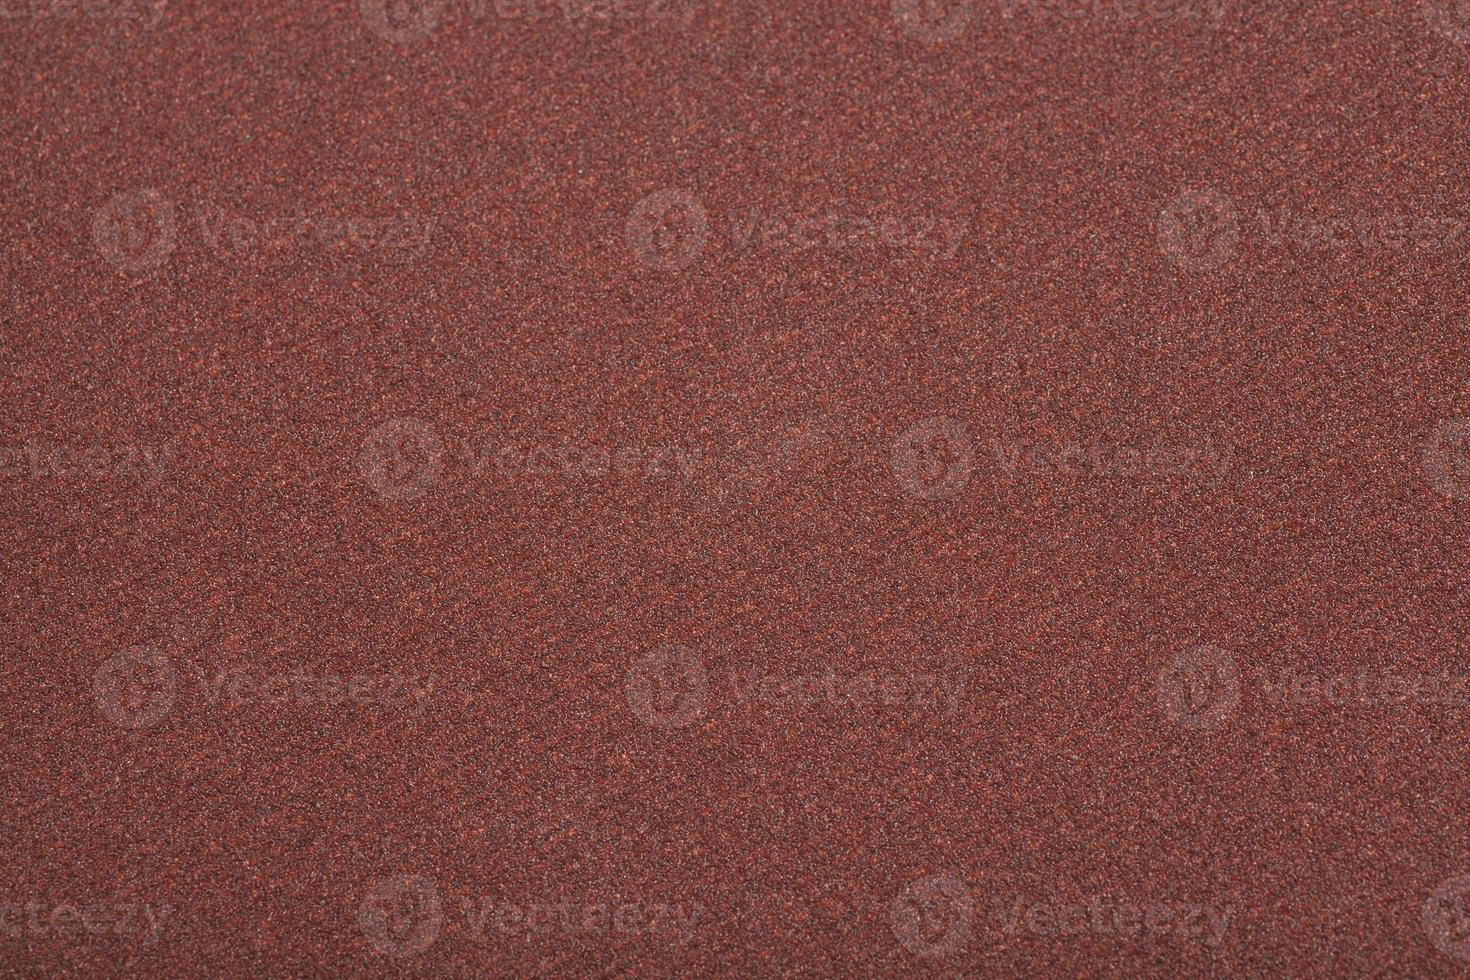 Schleifpapier Textur foto